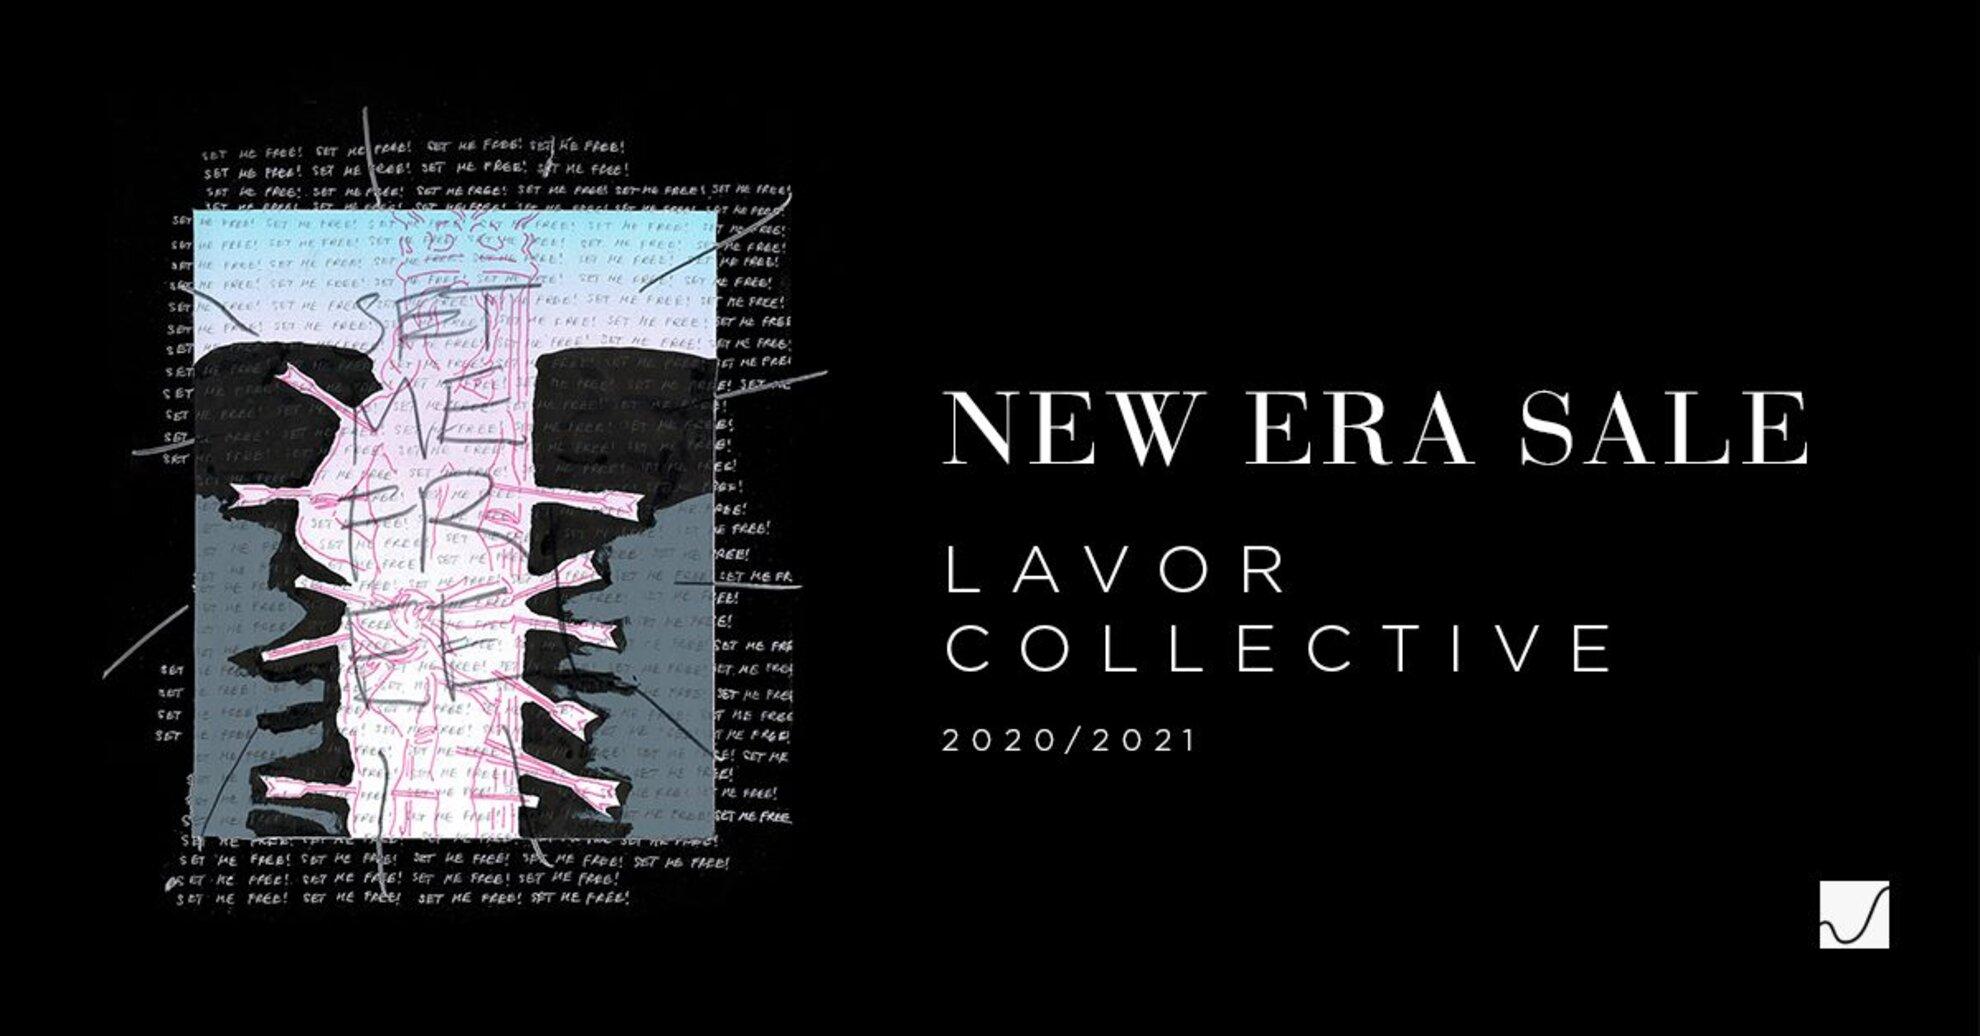 New Era Sale